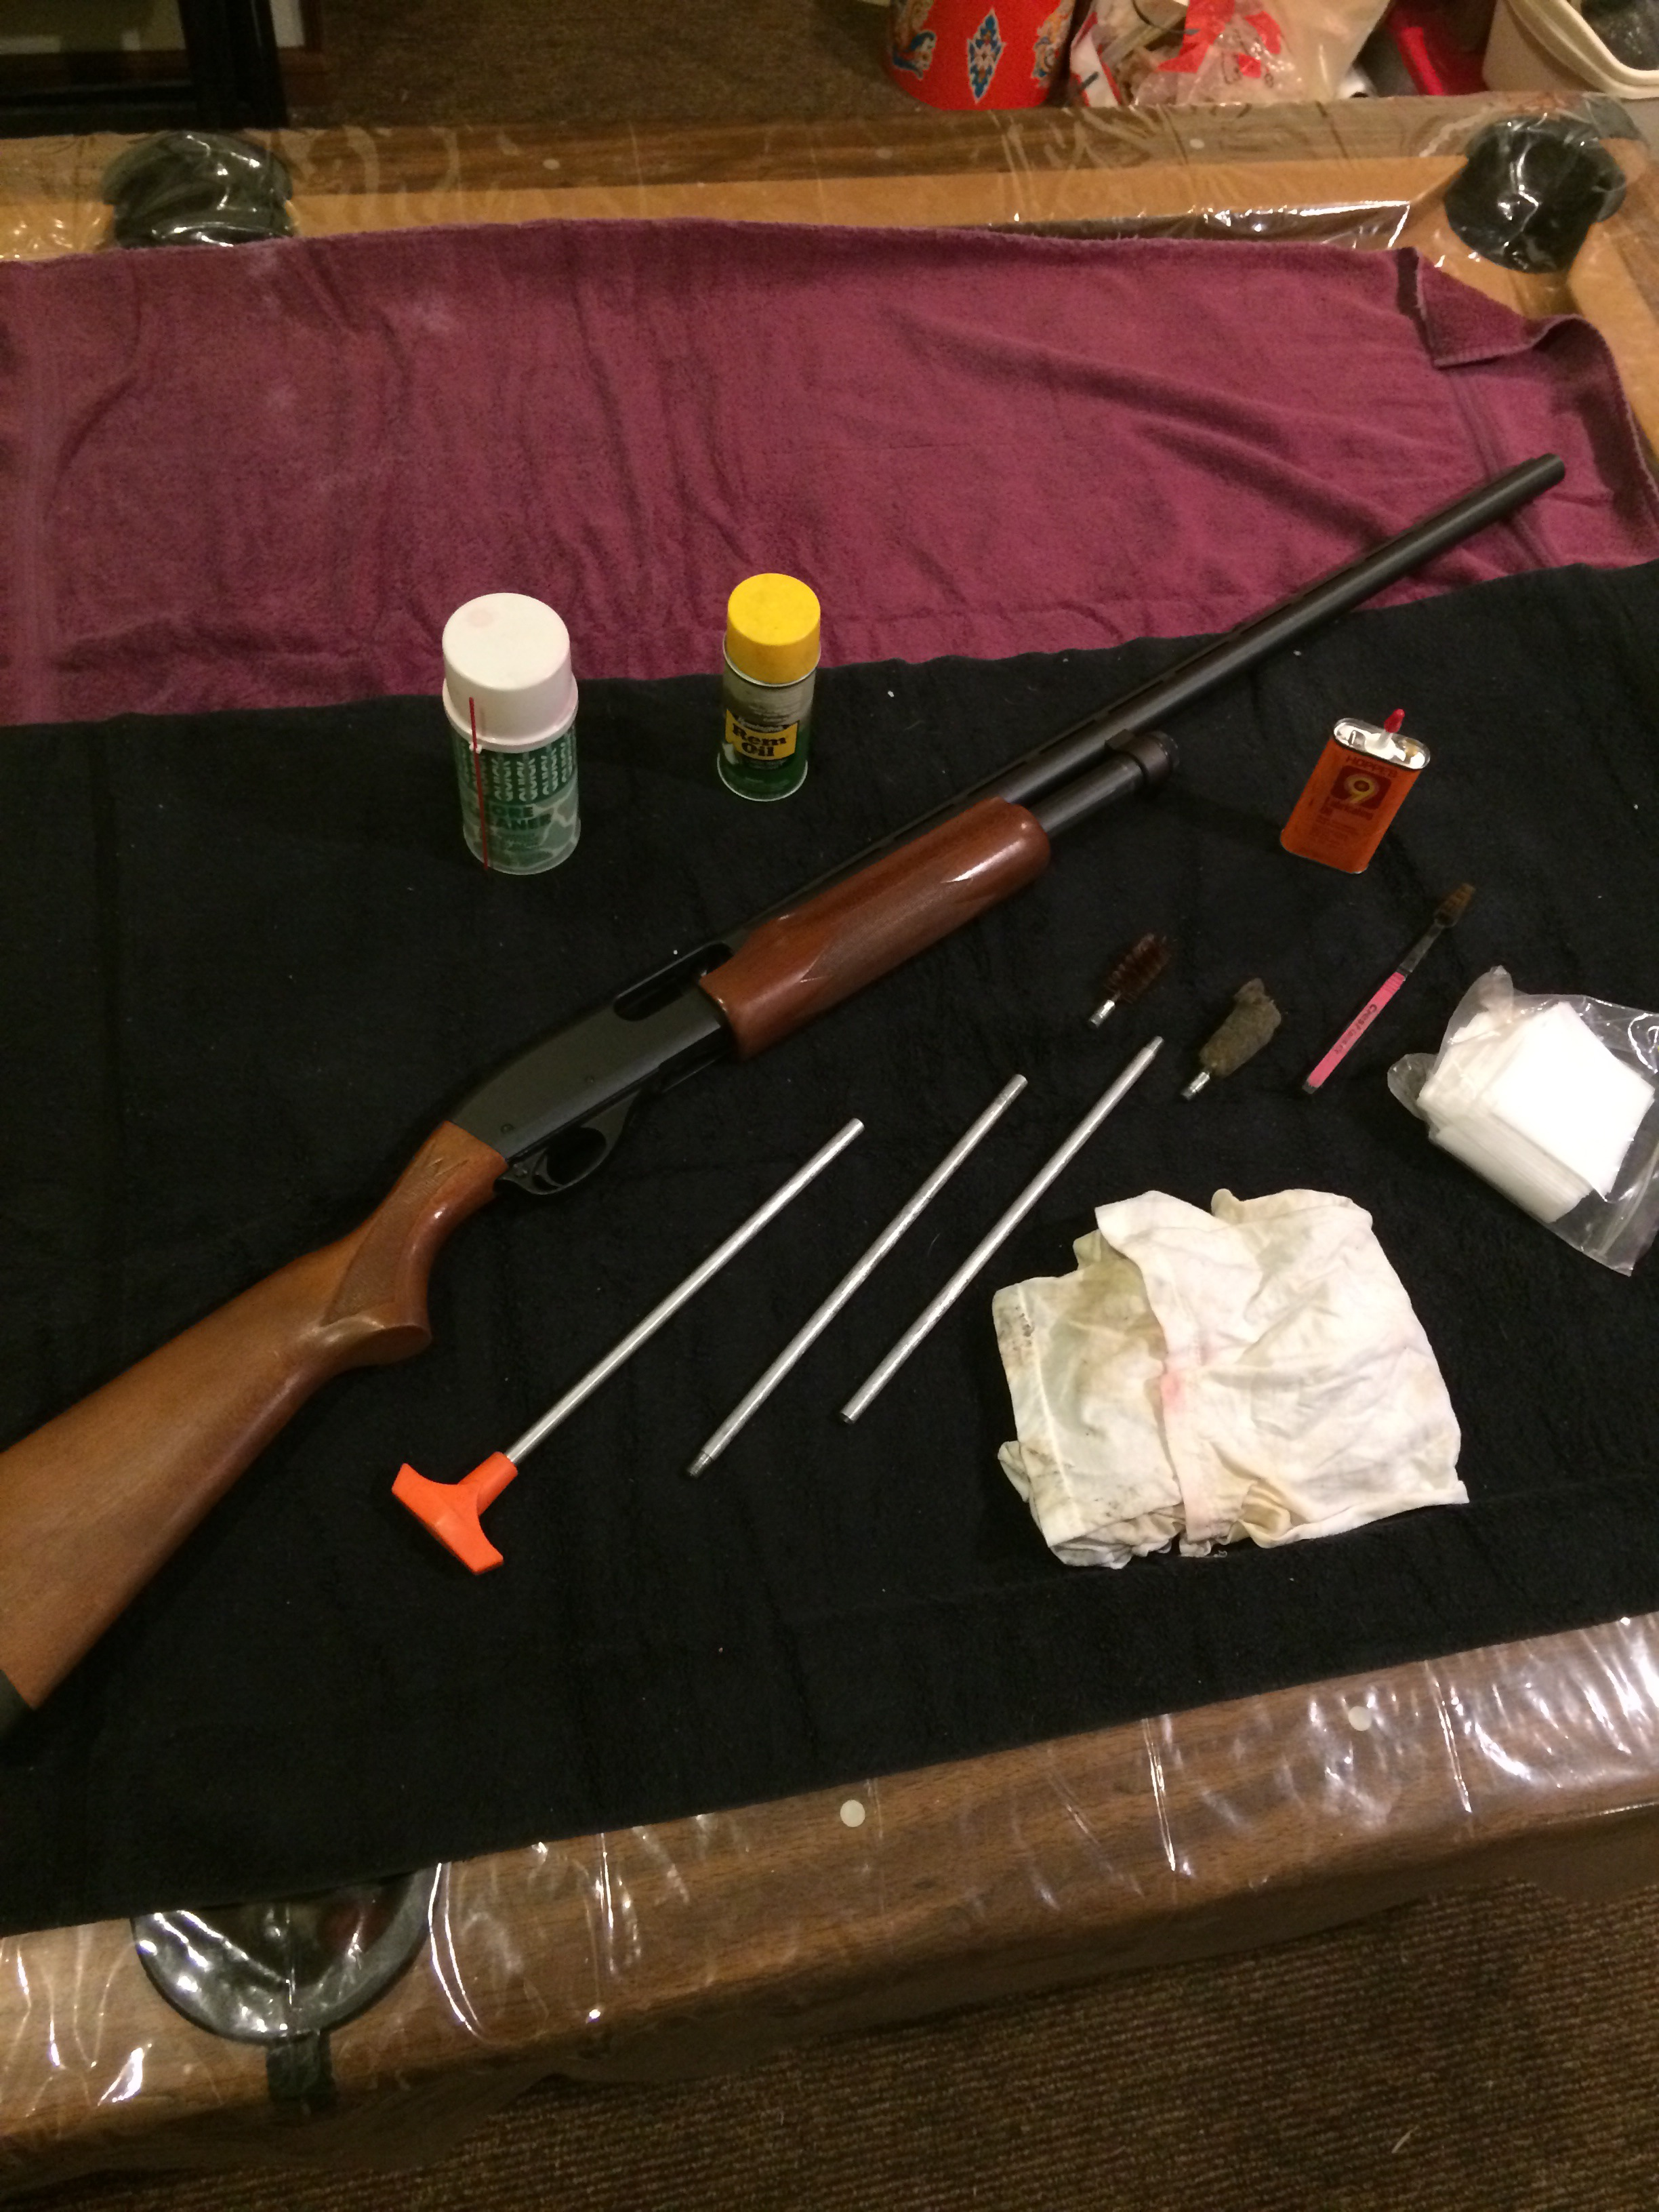 How To Clean A 12 Gauge Remington 870 Shotgun